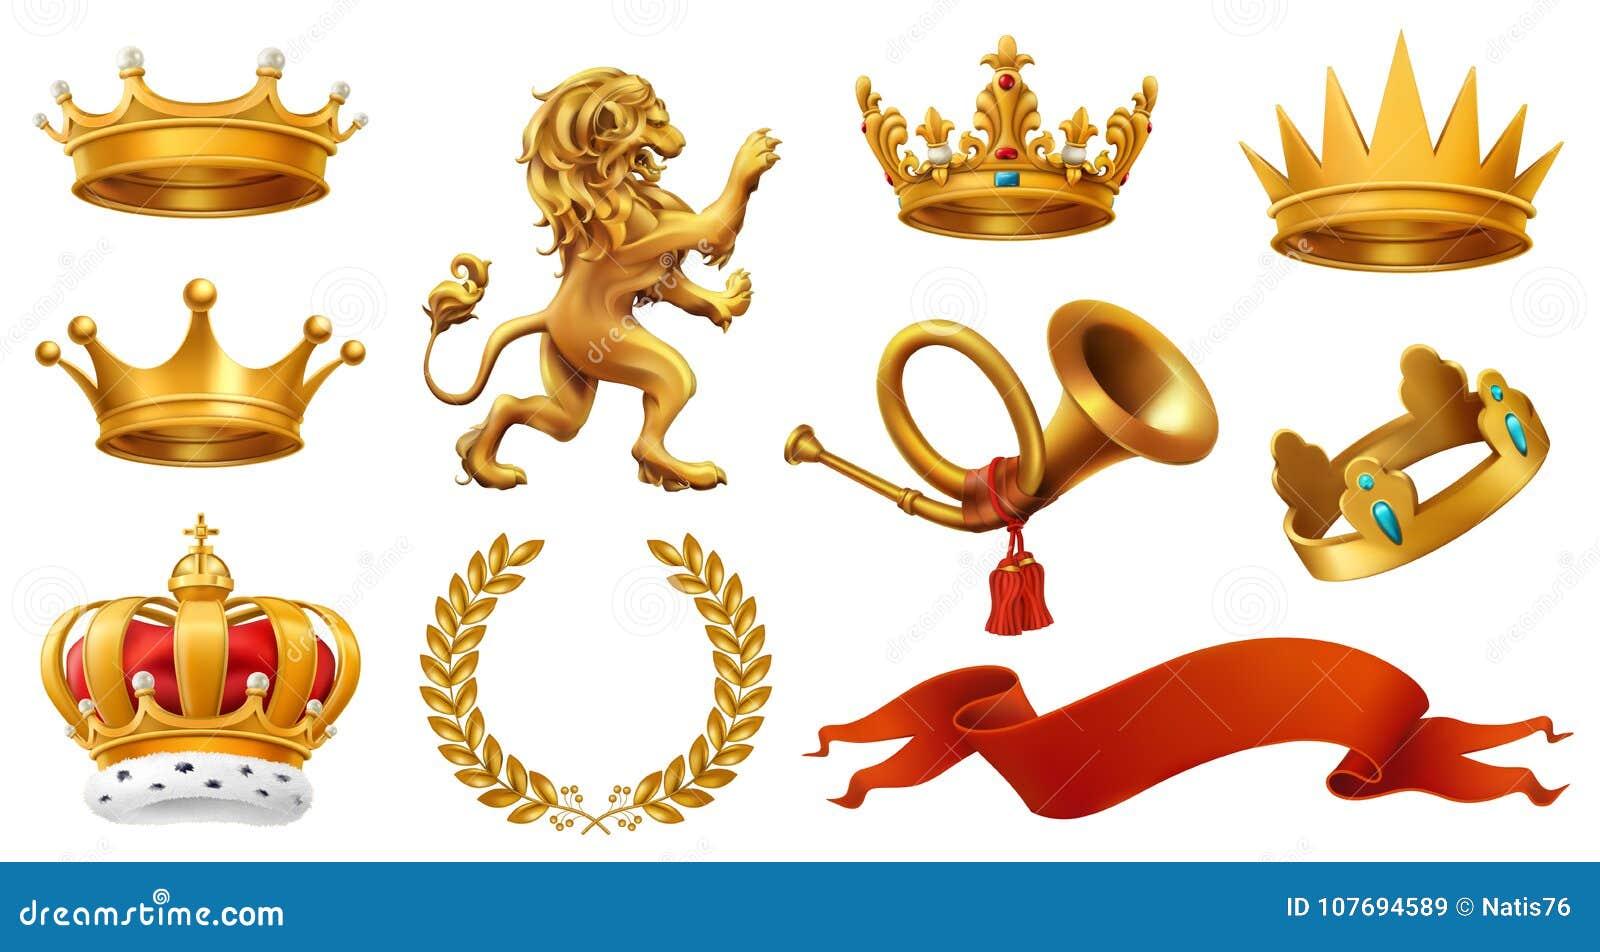 Guld- krona av konungen Lagerkrans, trumpet, lejon, band symboler för pappfärgsymbol ställde in vektorn för etiketter tre